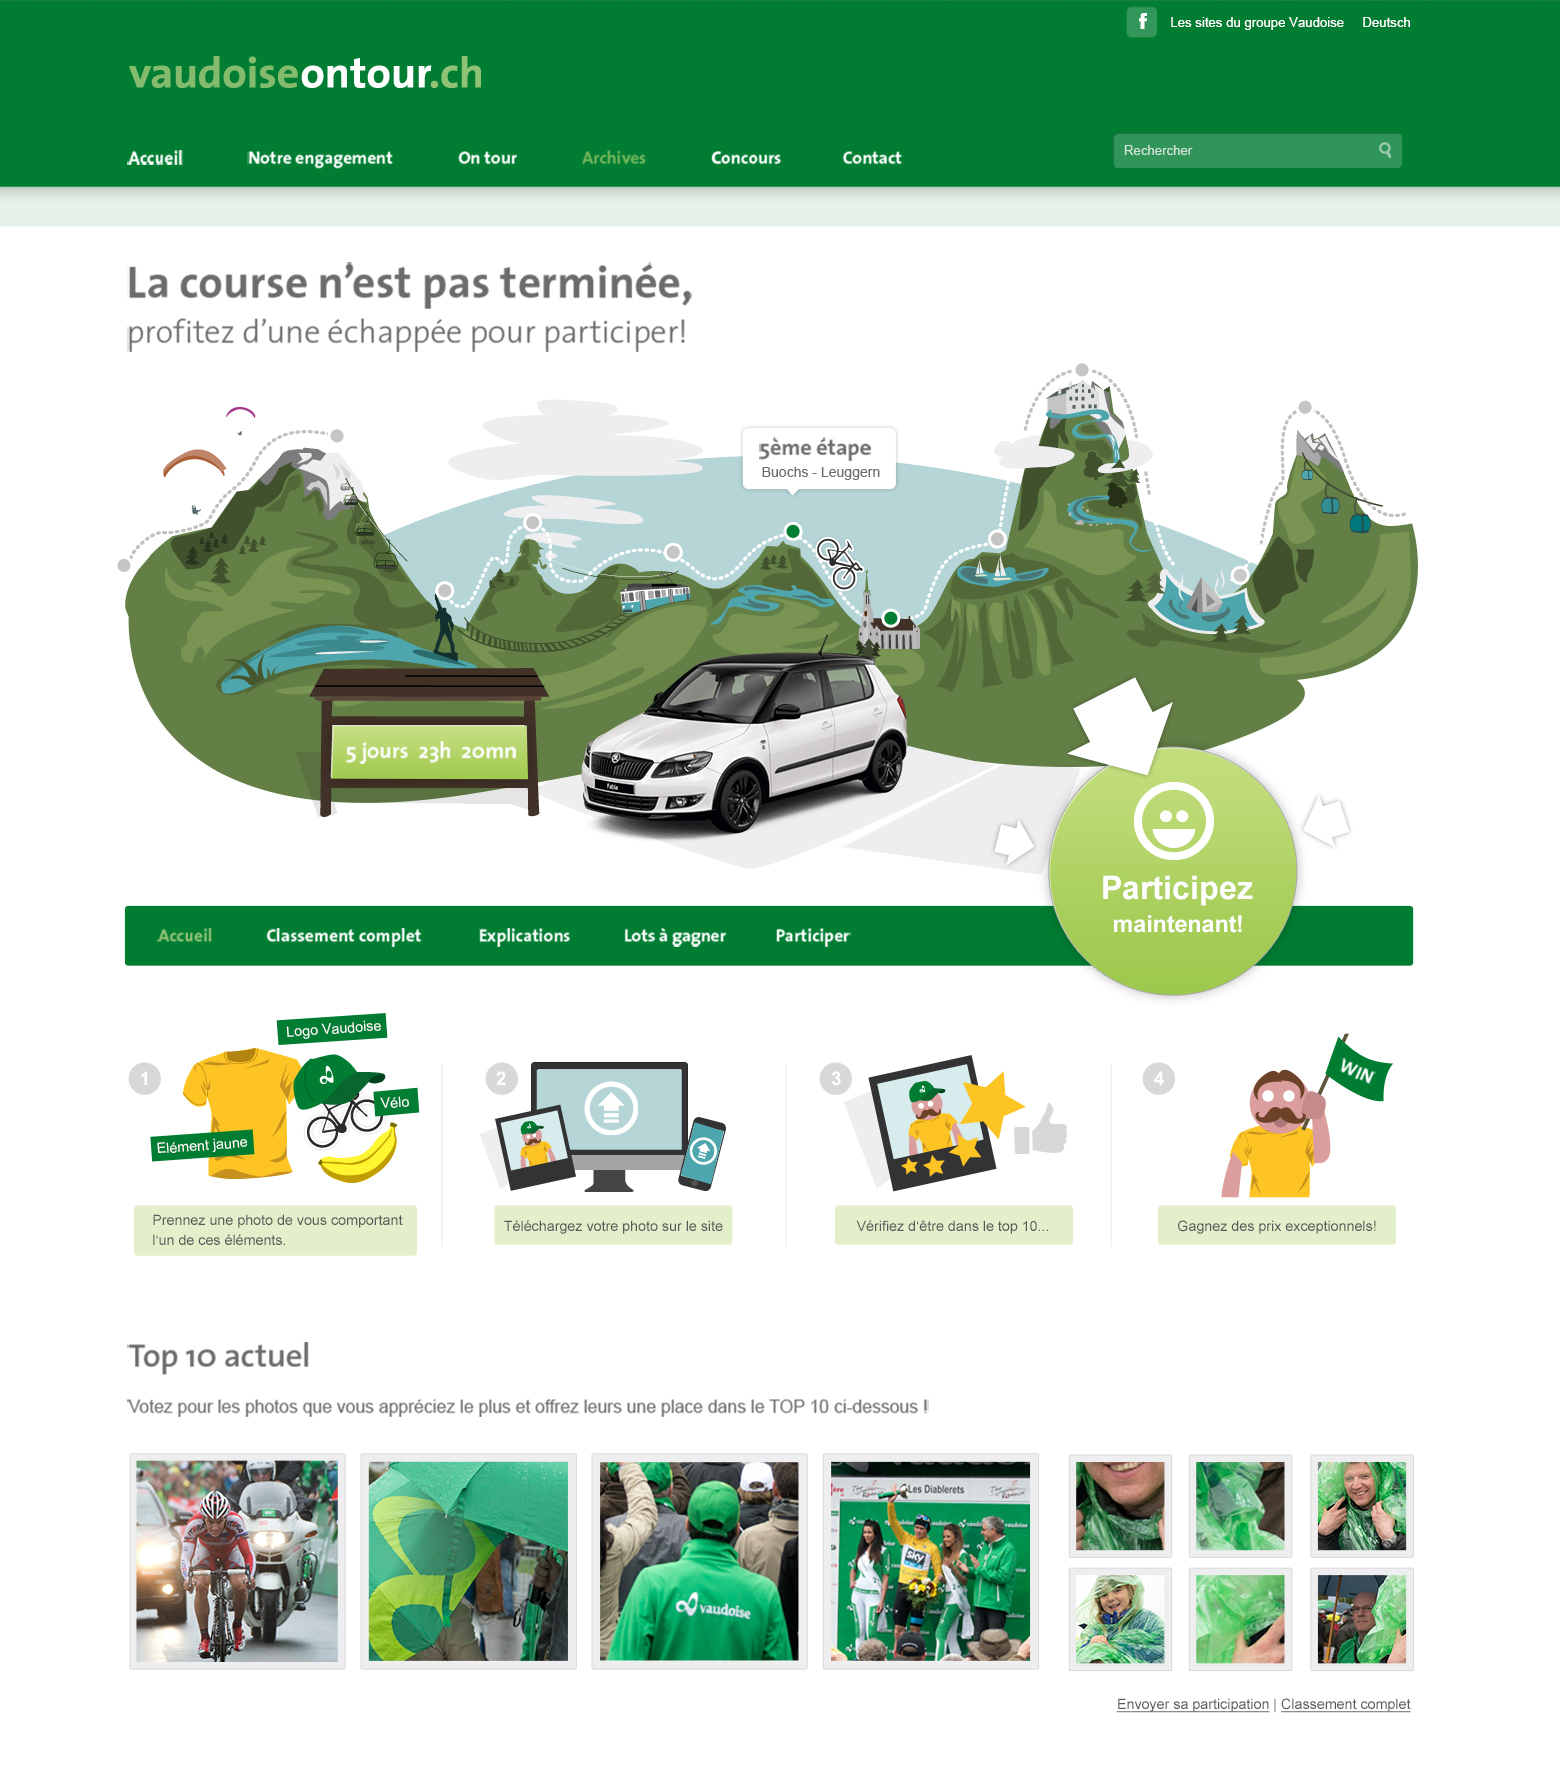 Vaudoiseontour WNG Agence Digitale